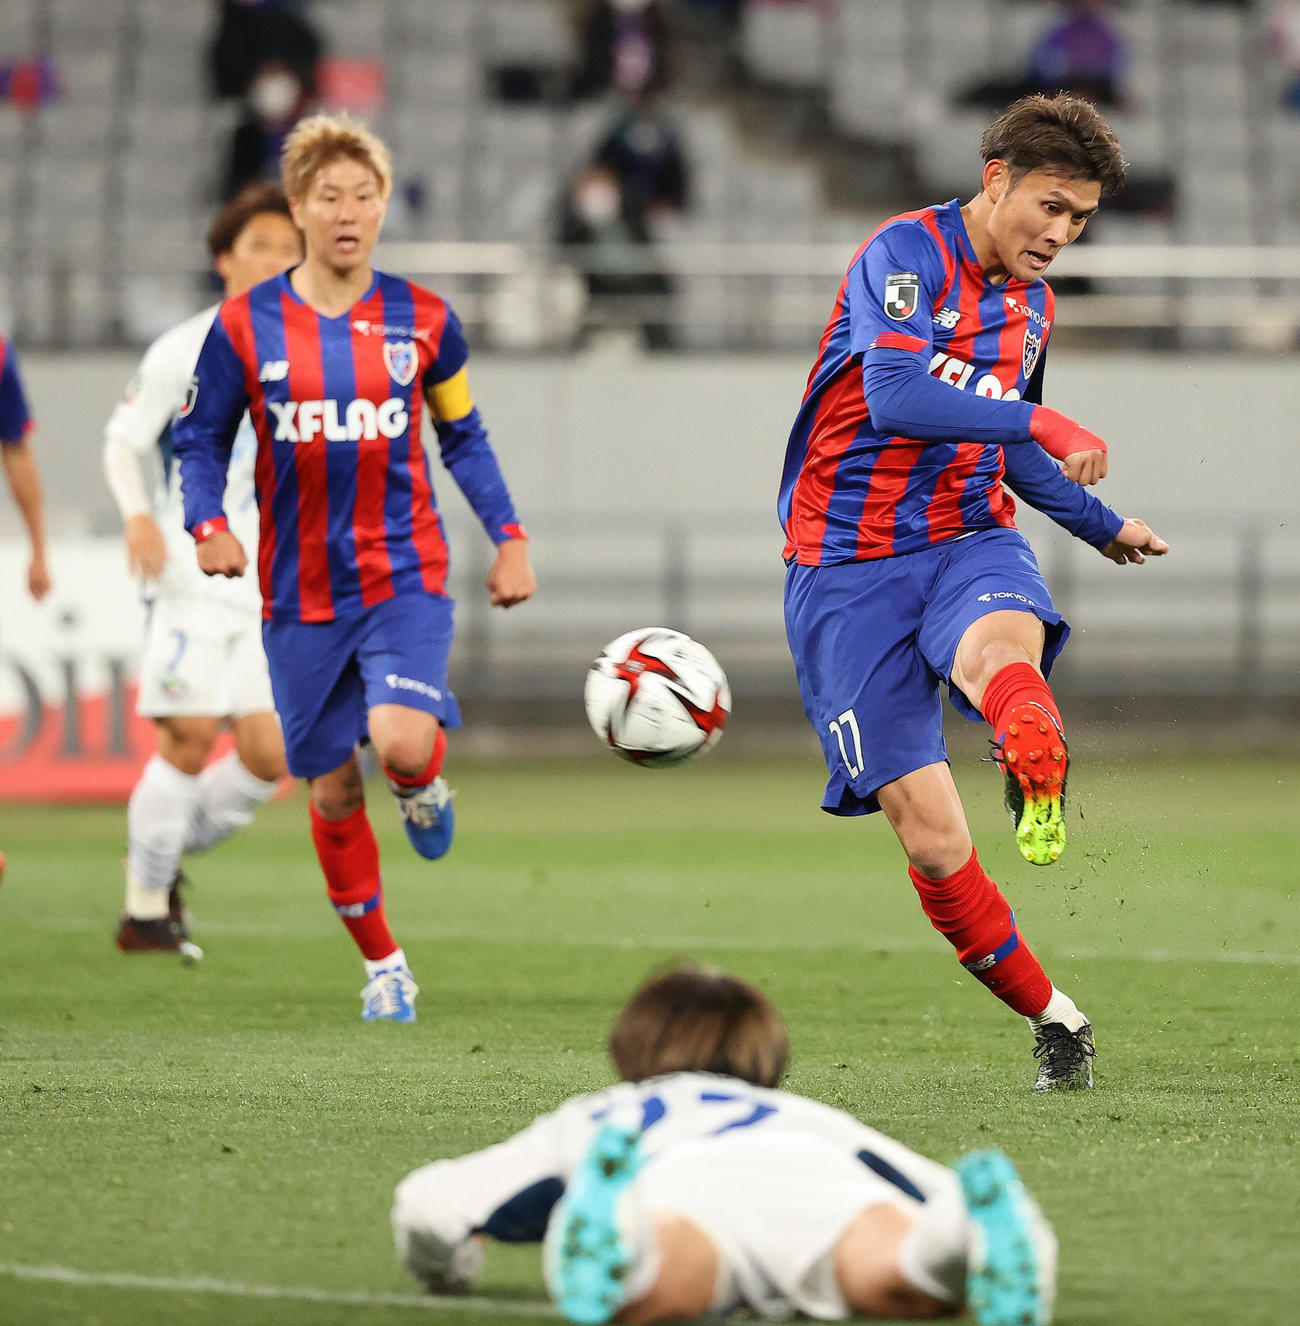 東京対徳島 後半、左足でゴールを決める東京FW田川(撮影・垰建太)